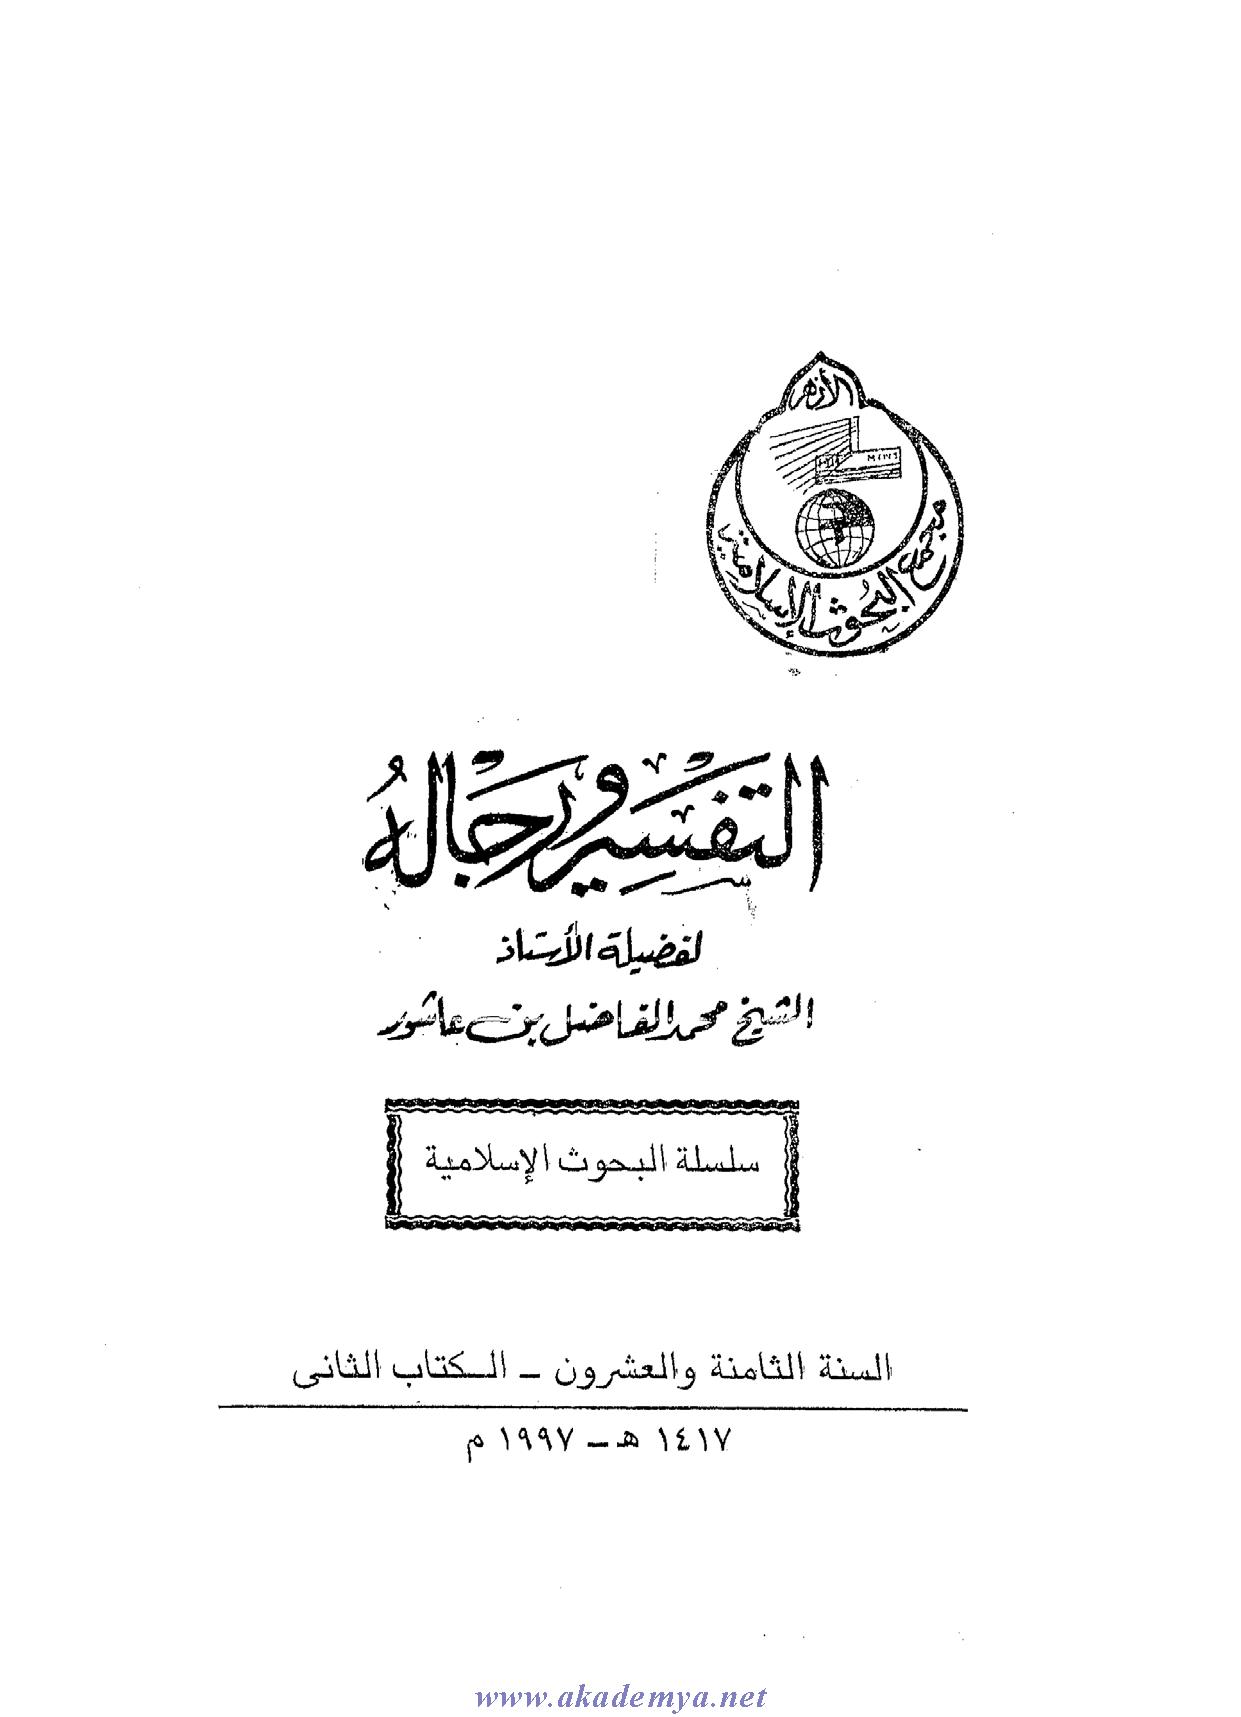 تحميل كتاب التفسير ورجاله لـِ: الشيخ محمد الفاضل بن محمد الطاهر بن عاشور (ت 1390)